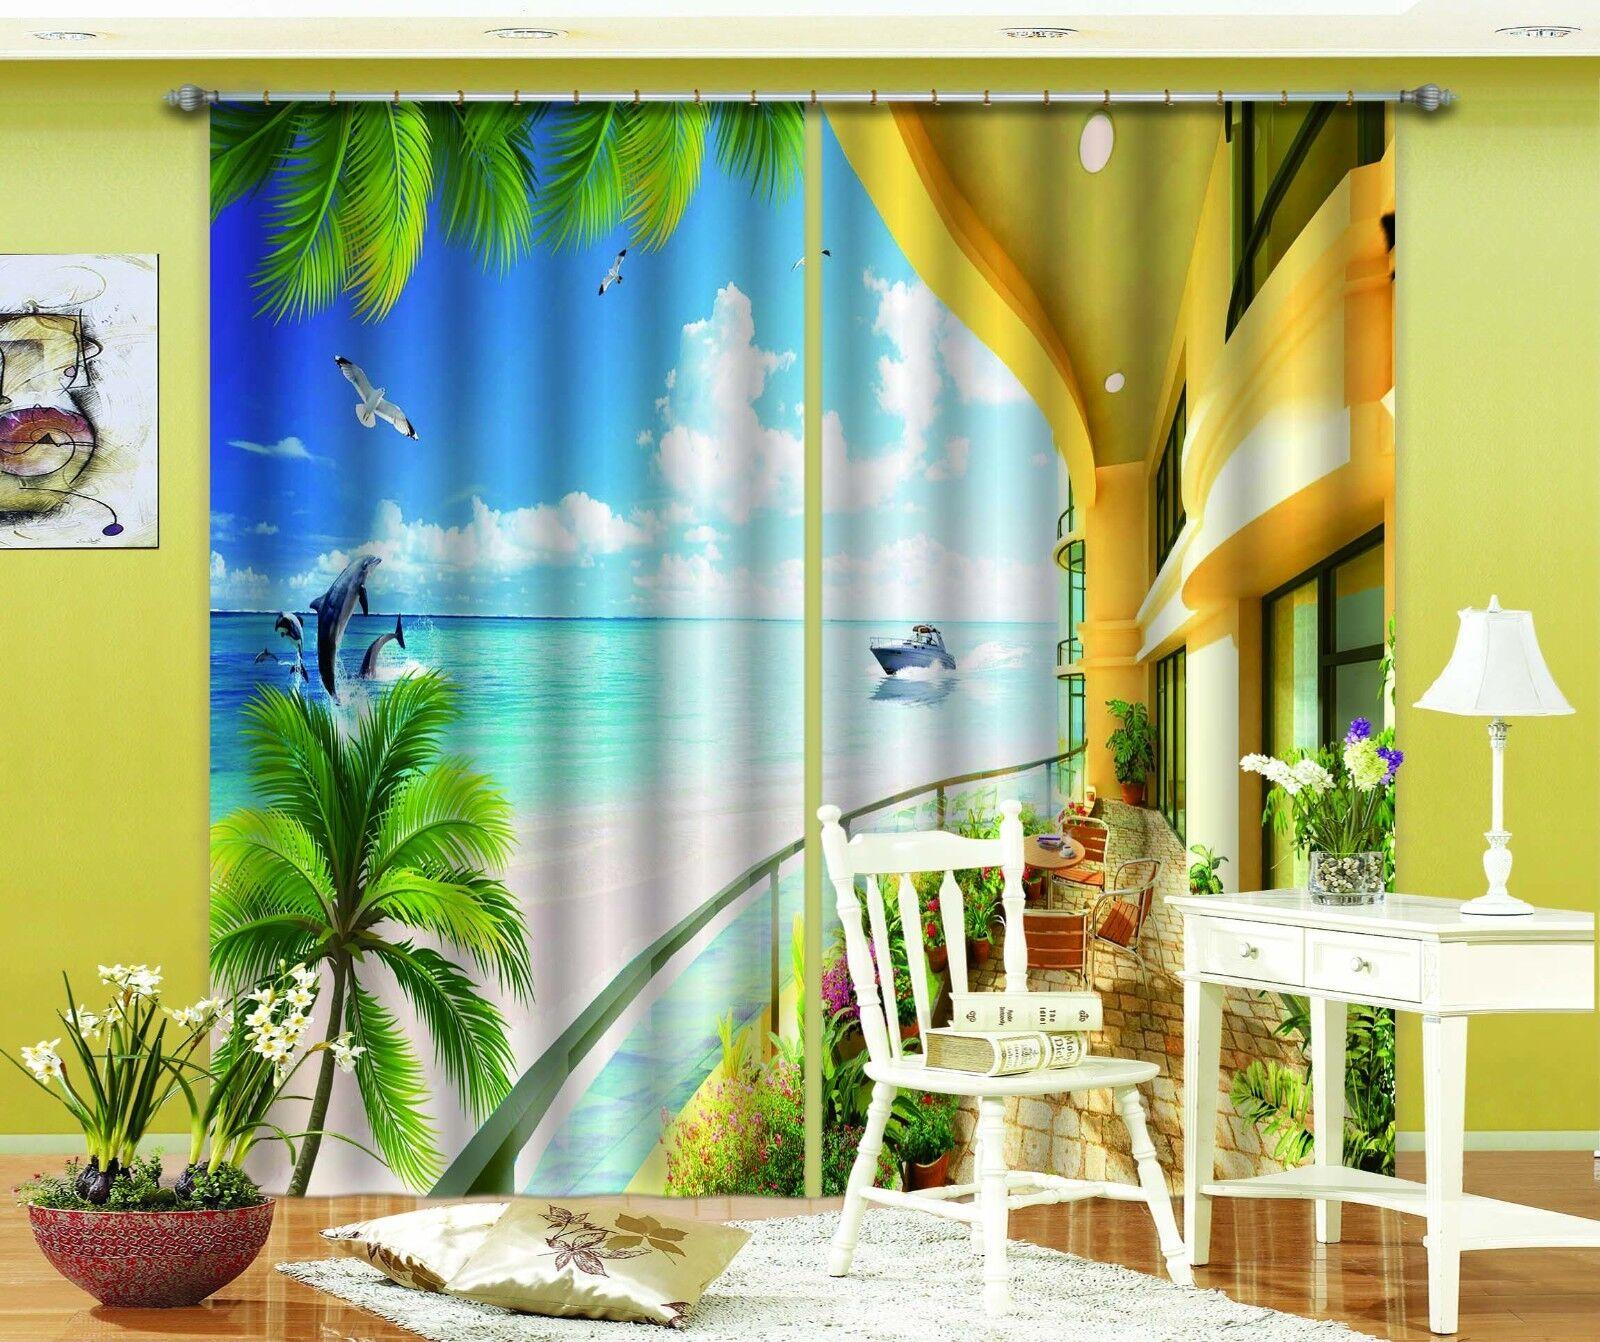 3D Mar balcón 93 Cortinas de impresión de cortina de foto Blockout Cortinas Ventana De Tela